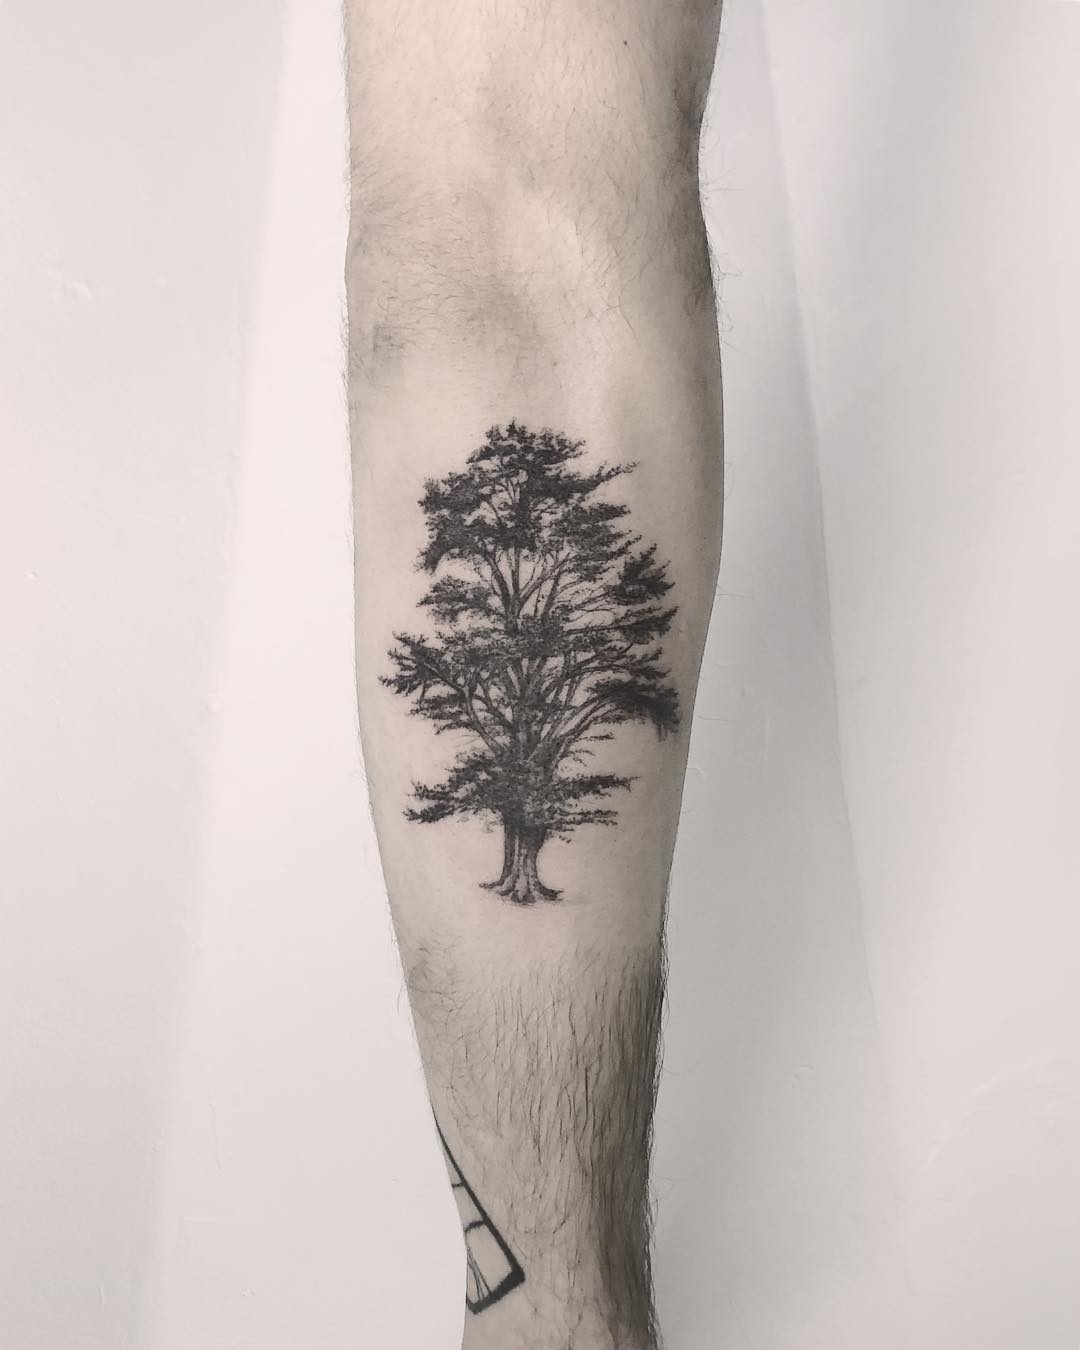 Lebanese cedar tree tattoo by Annelie Fransson